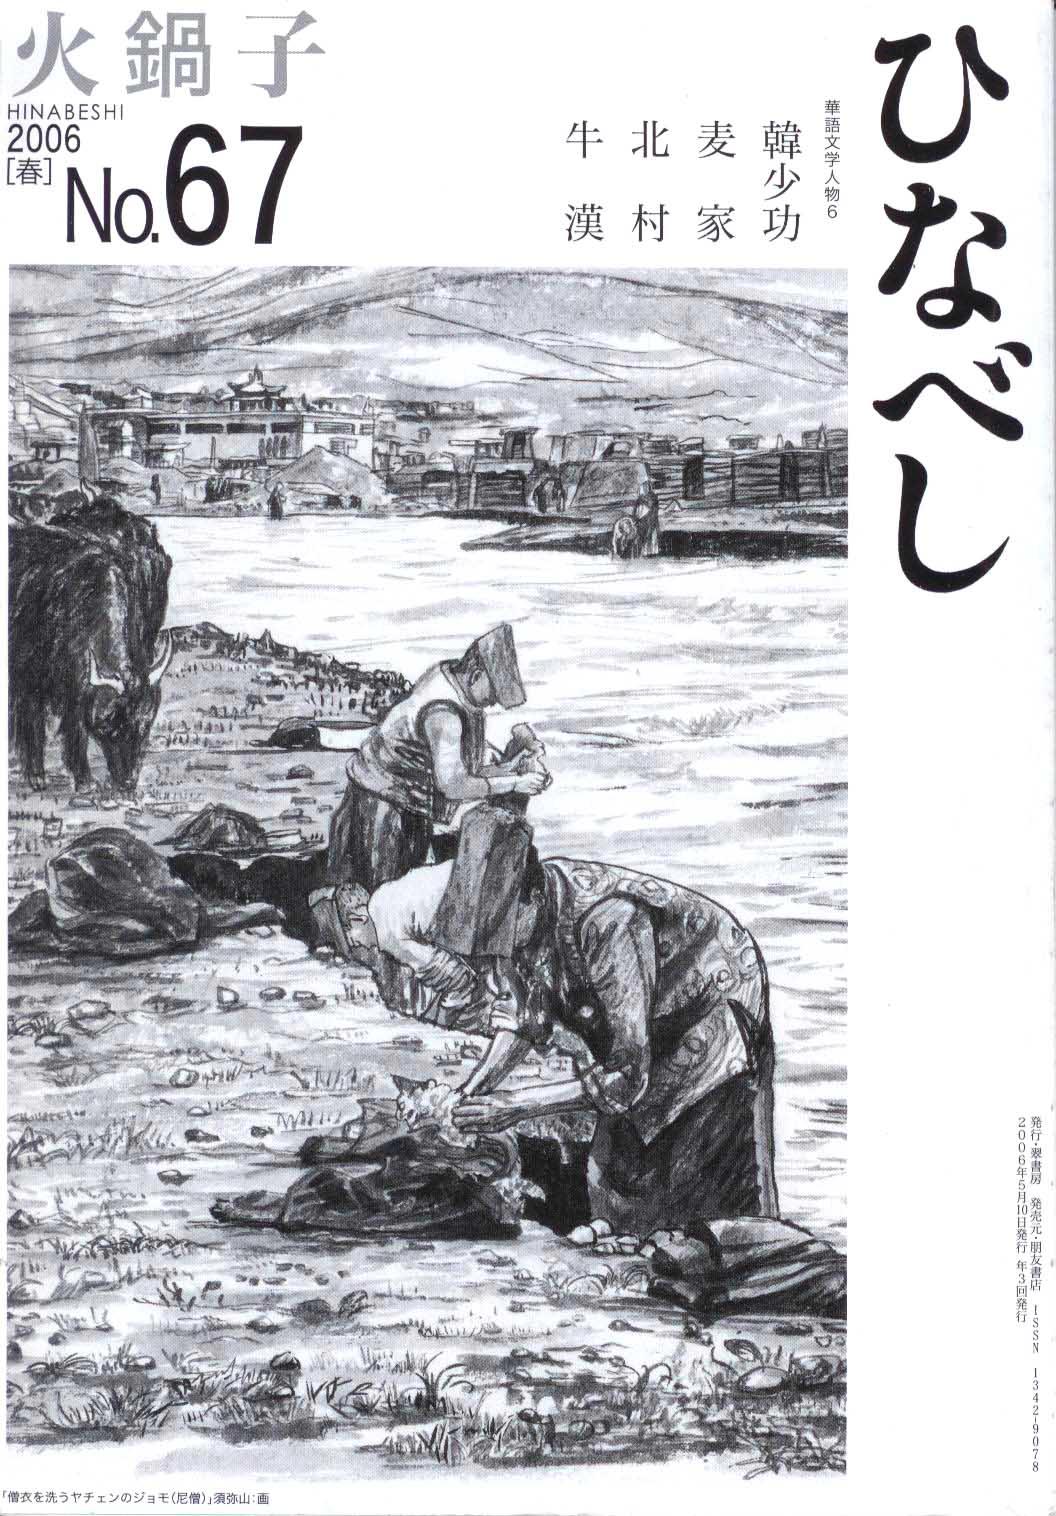 为日本《火锅子》杂志所作《作家动态》 - 麦家 - 麦家博客